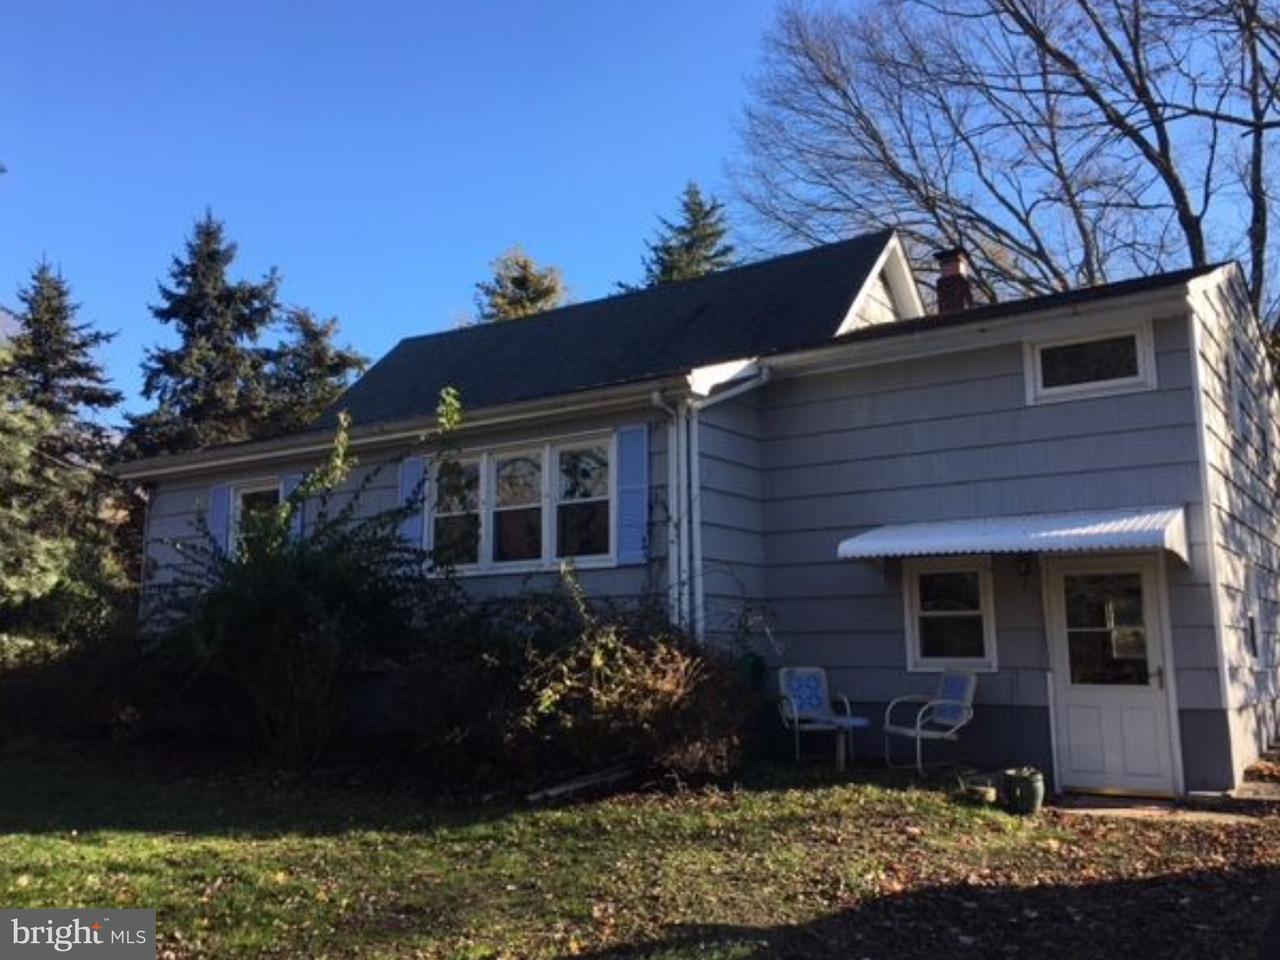 Maison unifamiliale pour l à louer à 1387 CANAL Road Princeton, New Jersey 08540 États-UnisDans/Autour: Franklin Twp